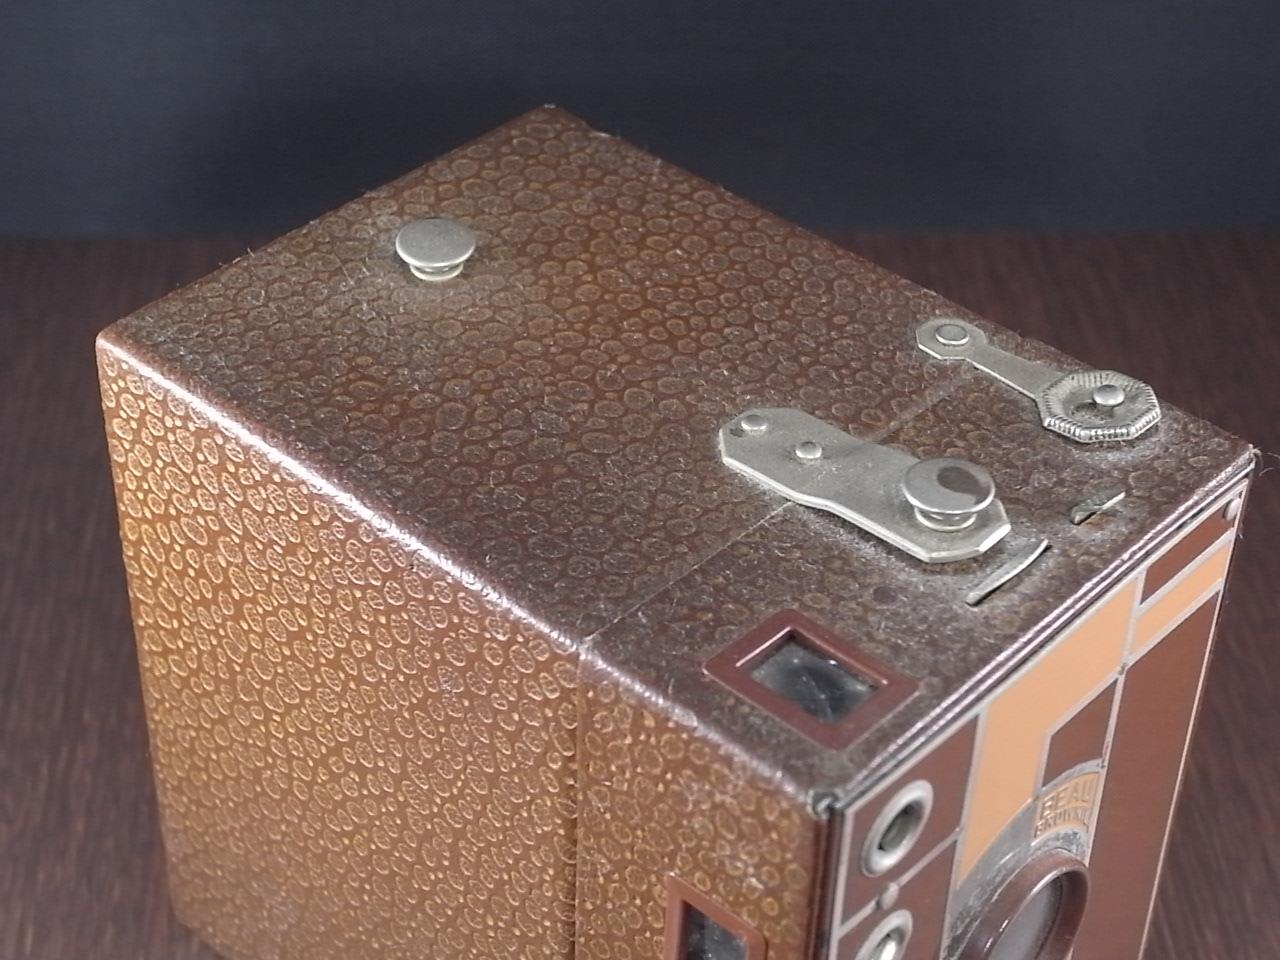 コダック No.2 ブローニー アールデコカメラ ブラウンの写真4枚目